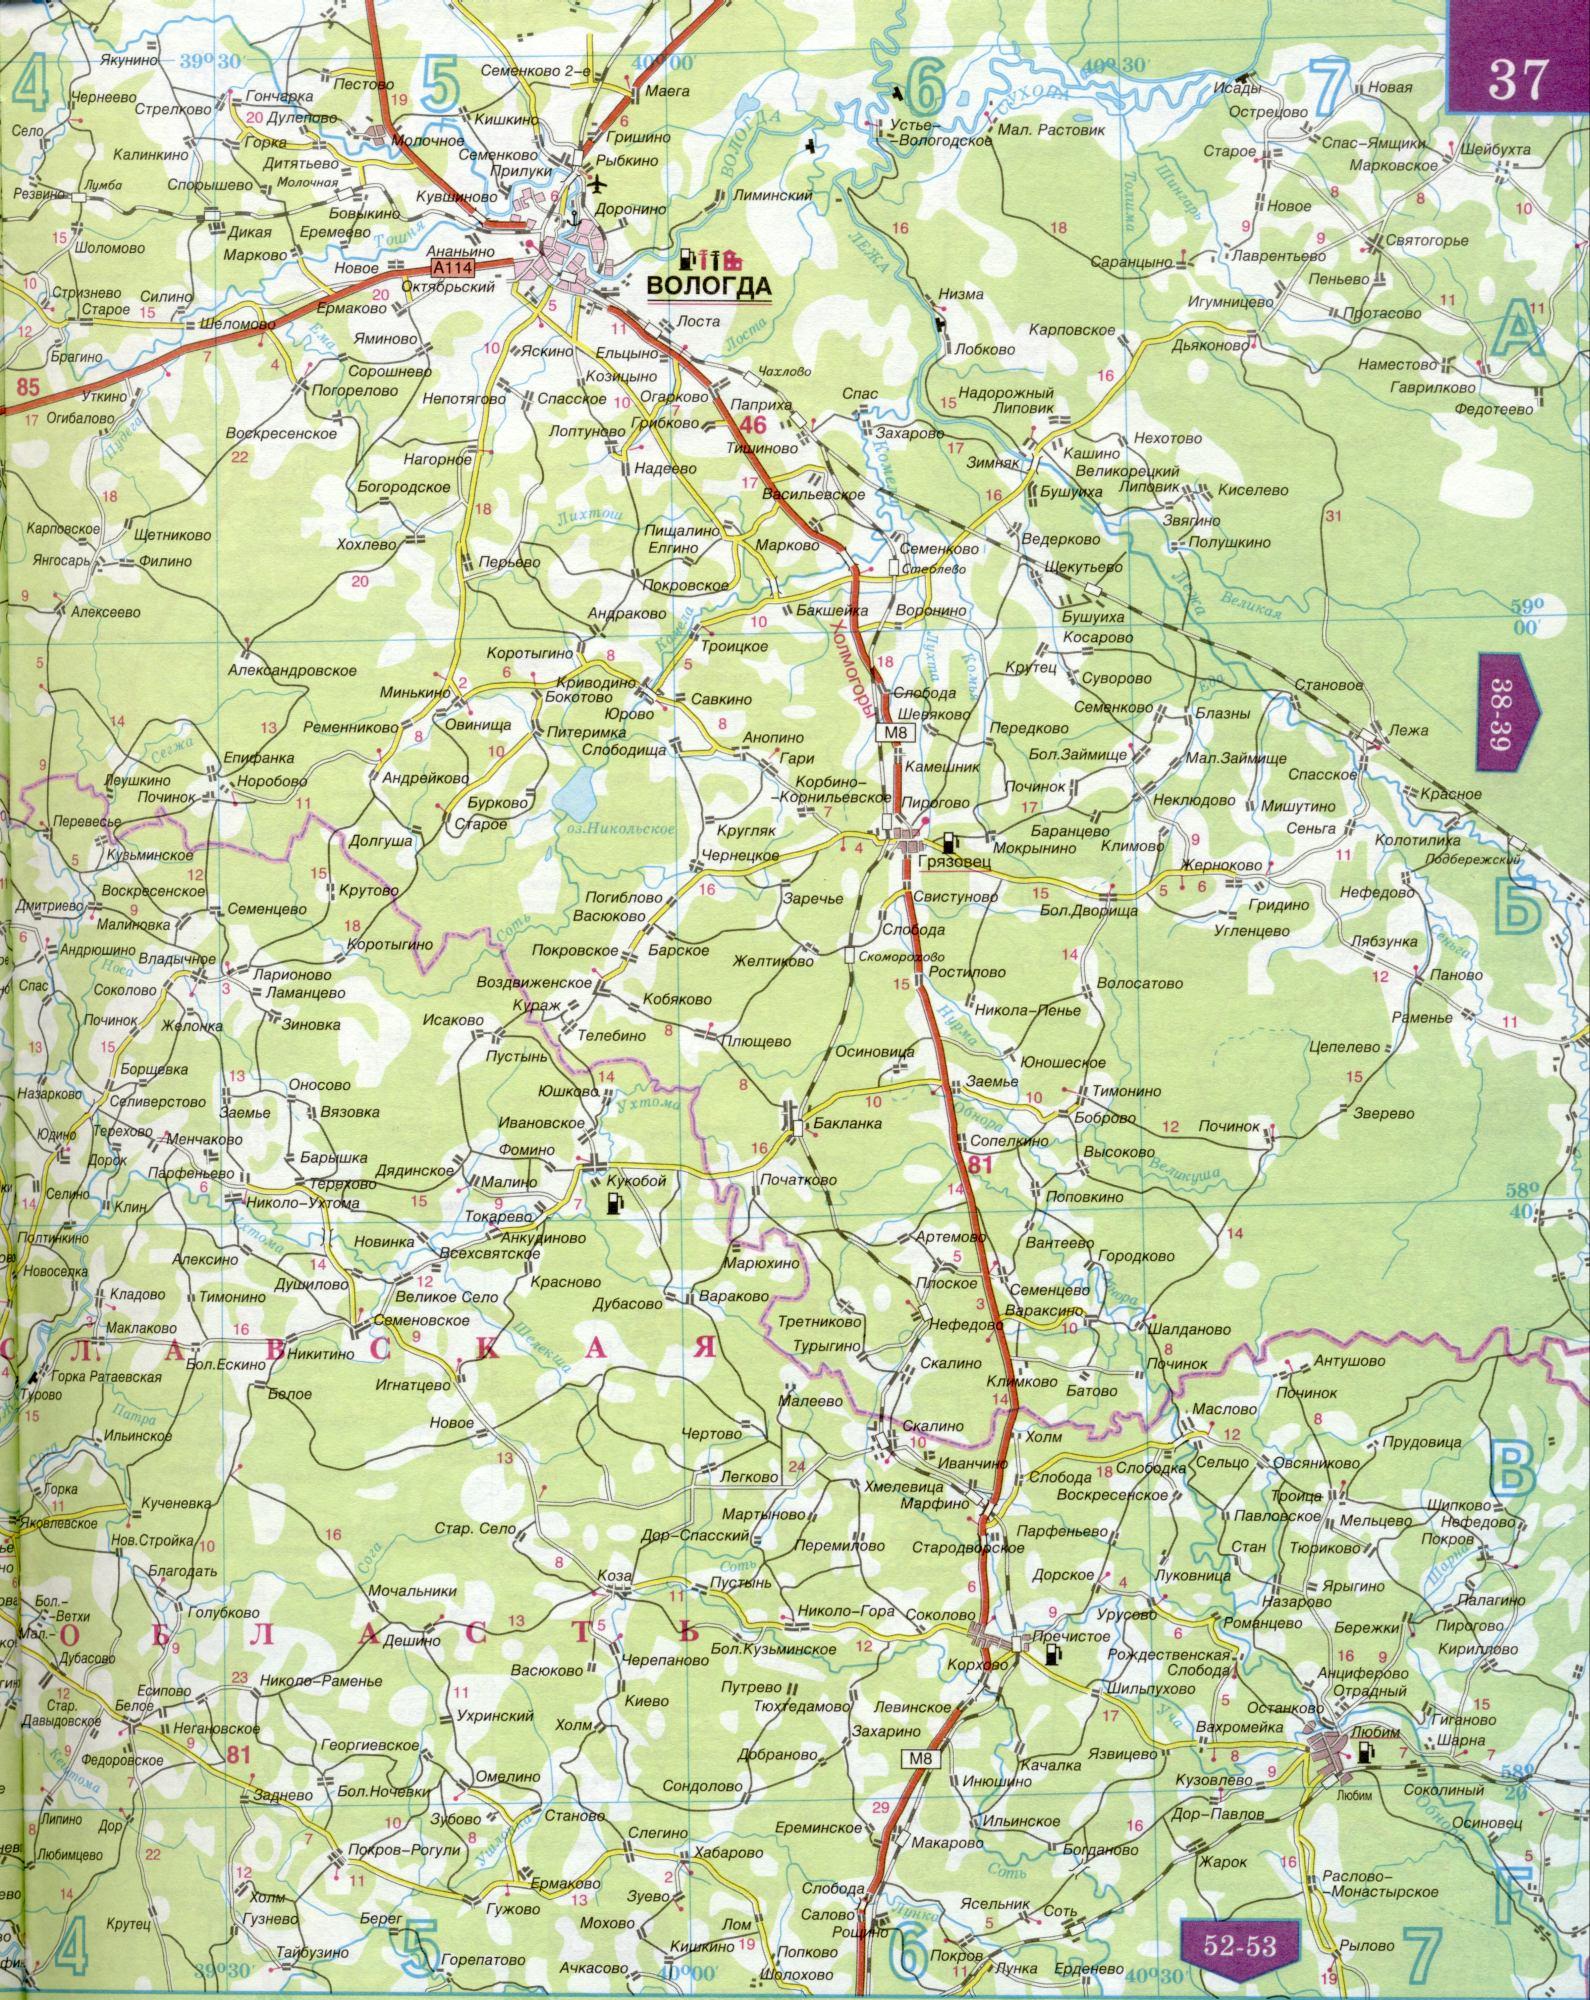 Карты автодорог России (подробный атлас автомобильных дорог), все города, автономные округа и республики России.